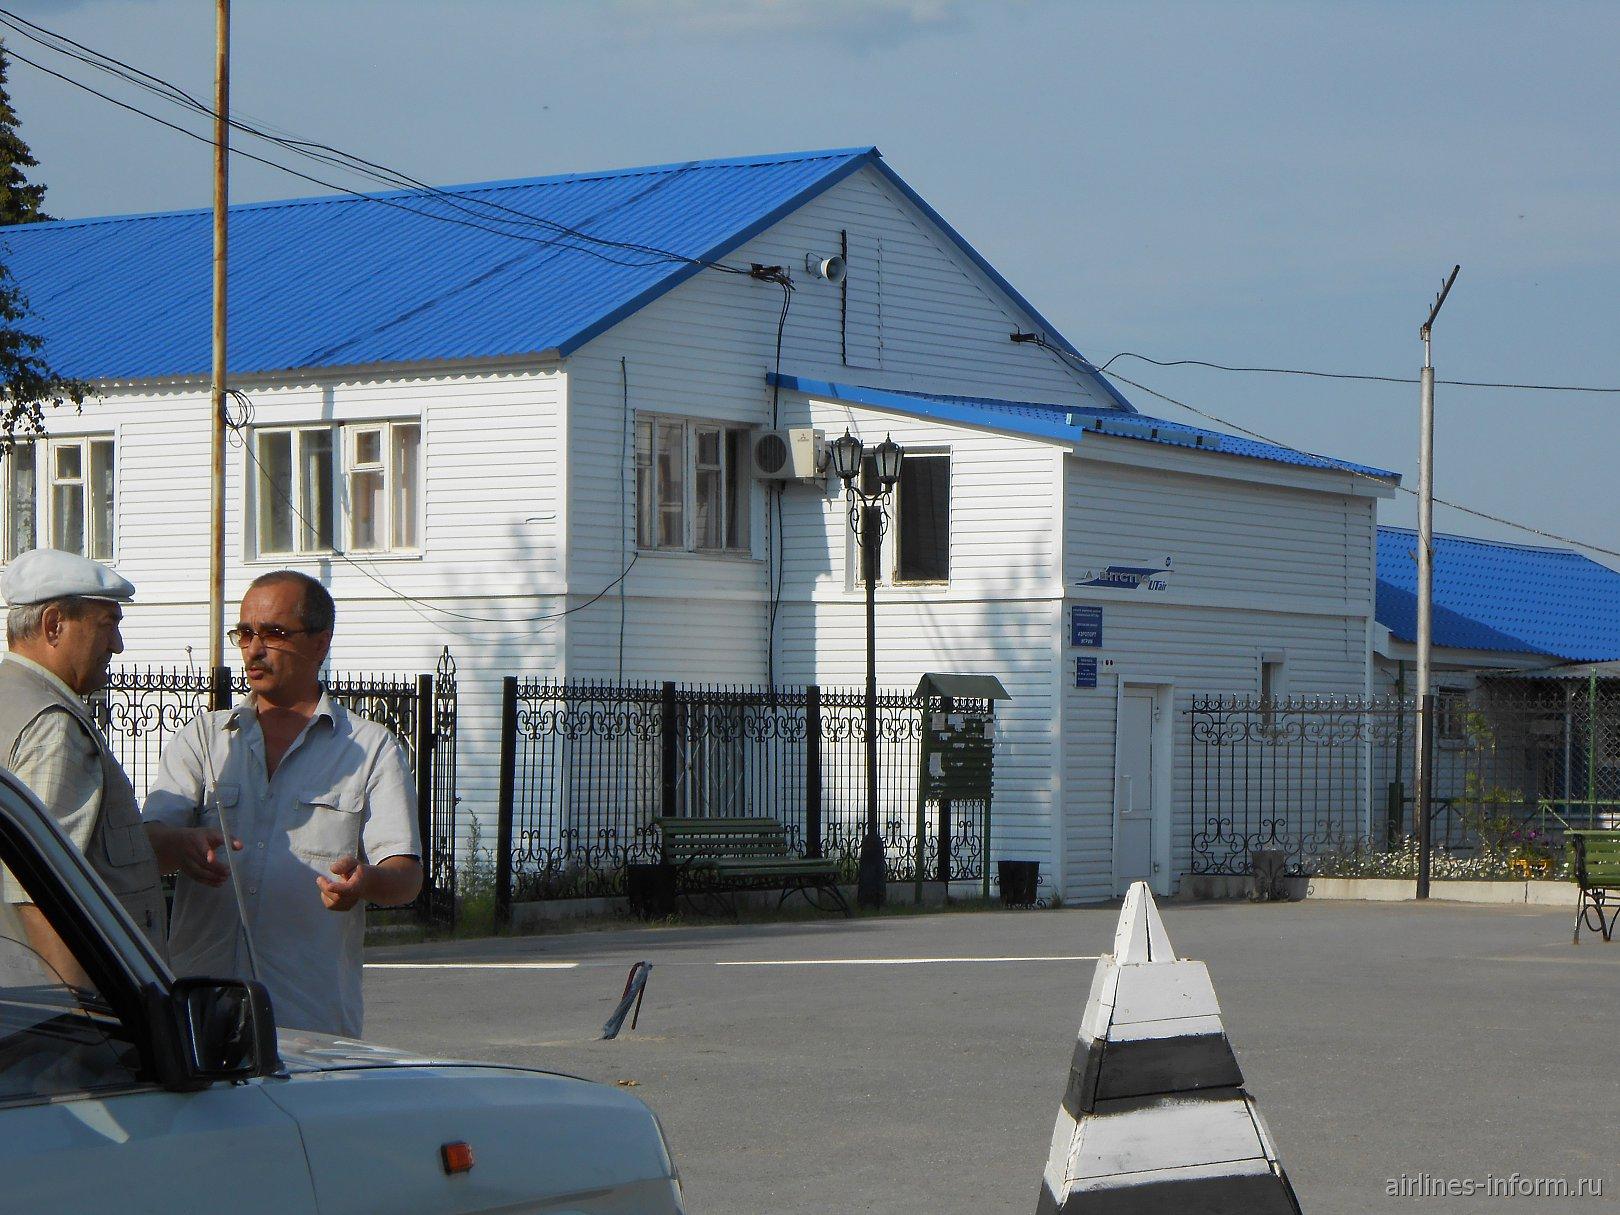 Игрим - Ханты-Мансийск. ЮТэйр. Ан 24.